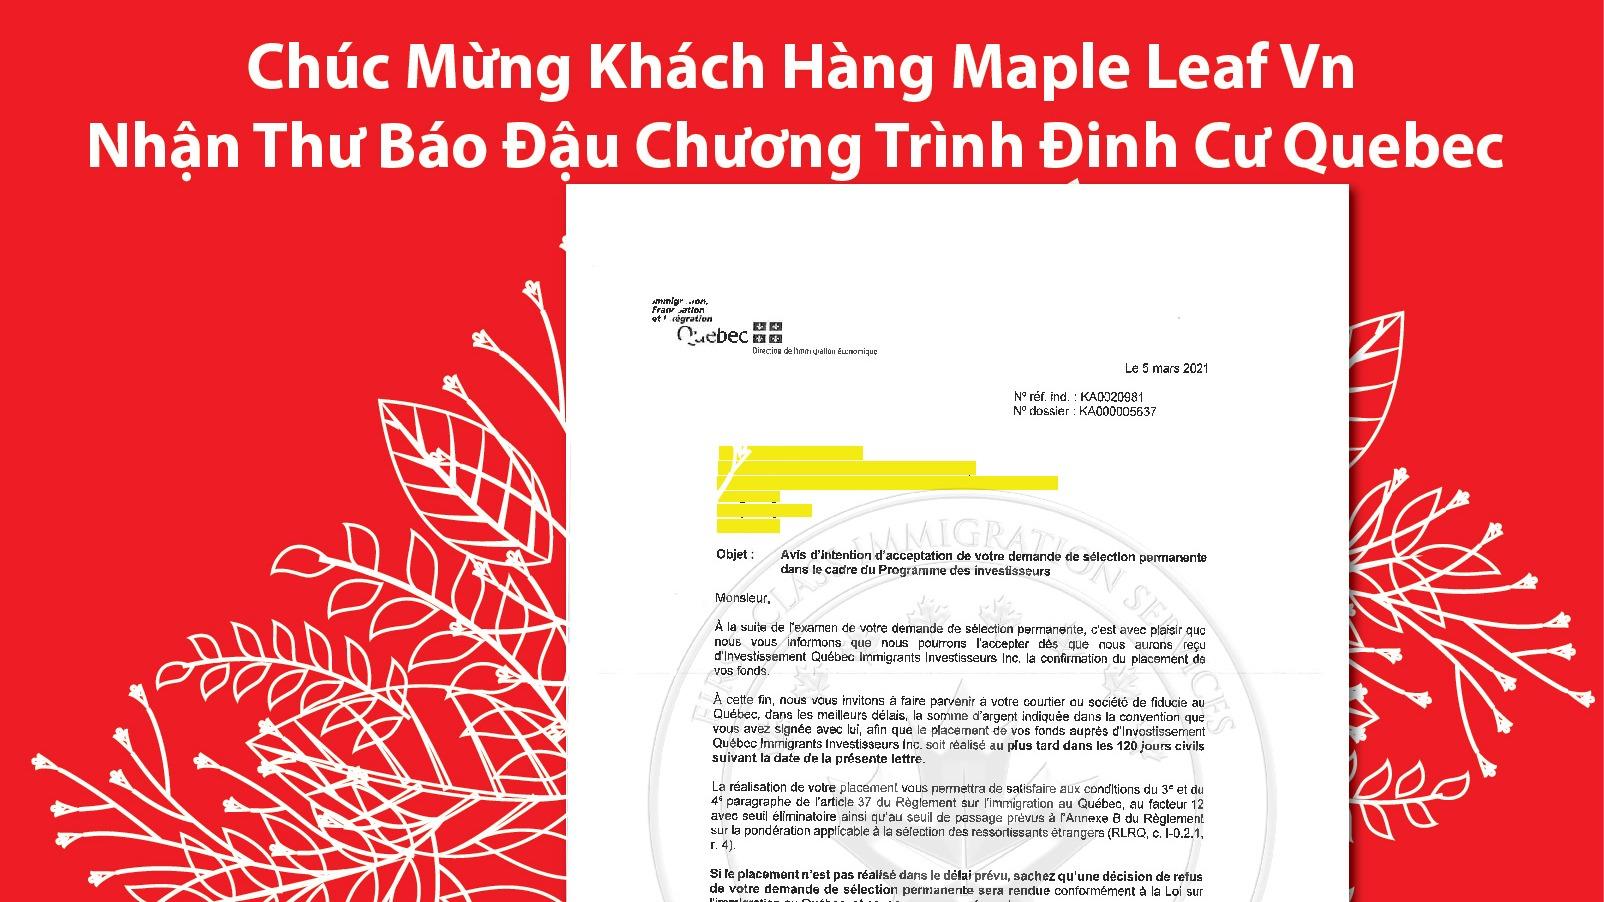 chuc-mung-khach-hang-maple-leaf-vn-nhan-thu-bao-dau-chuong-trinh-dinh-cu-quebec